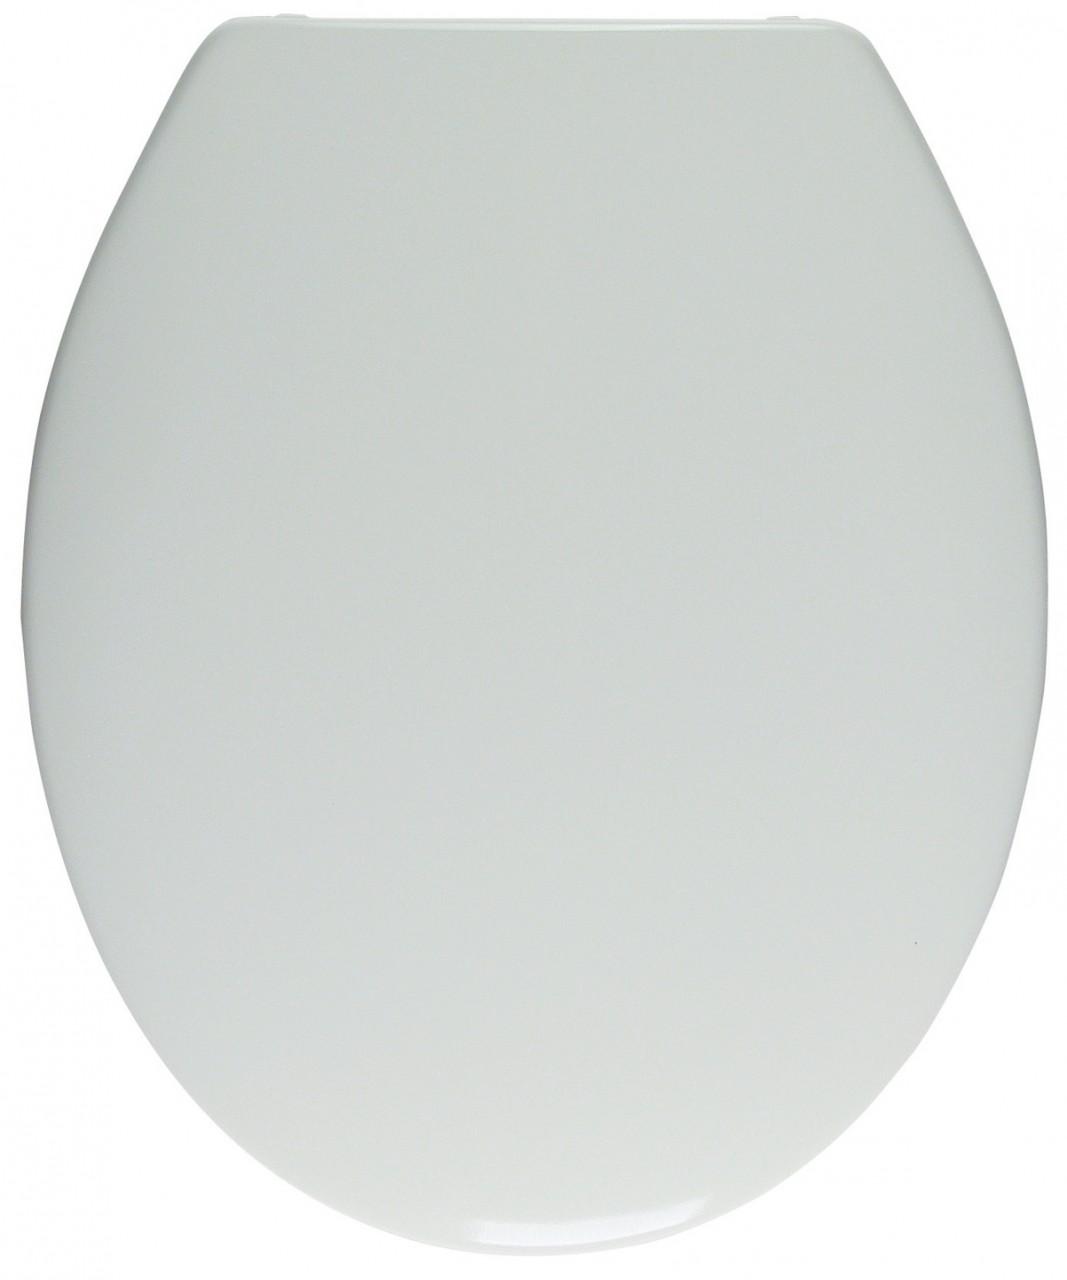 WC-Sitz weiss, Duroplast, Deckel übergreifend, mit Absenkautomatik 401296